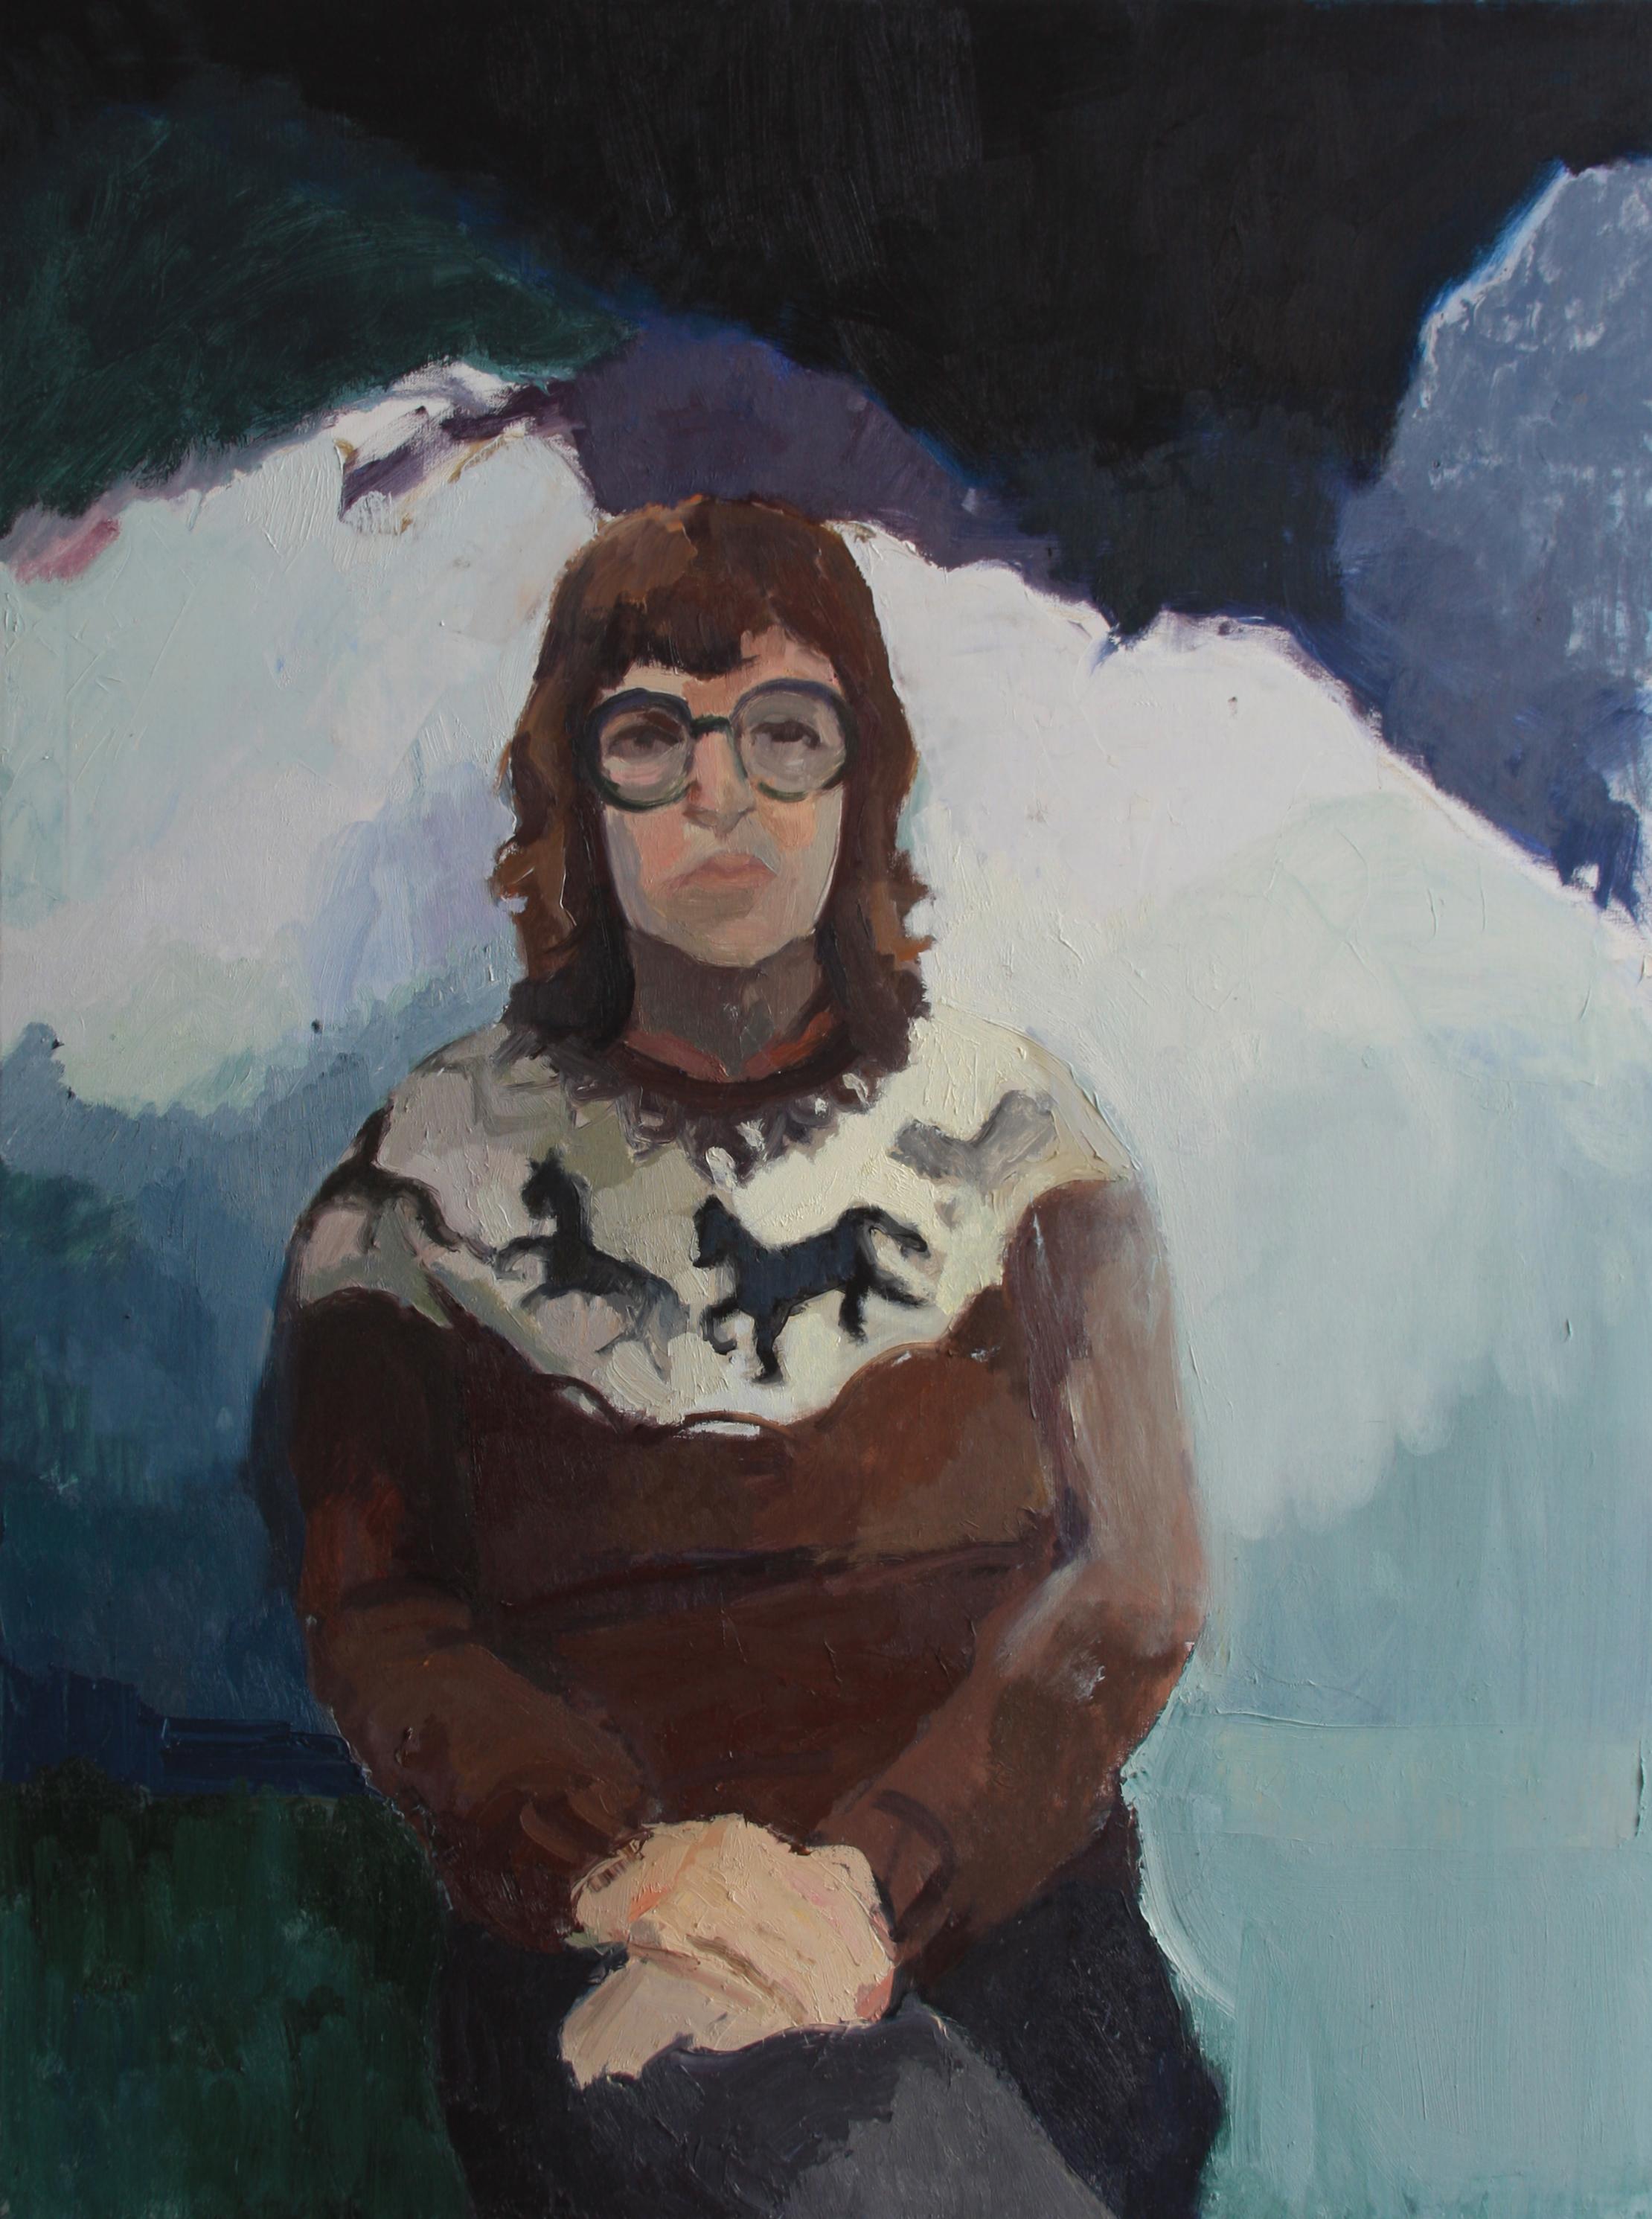 Rachel's Sweater (Storm Herd)